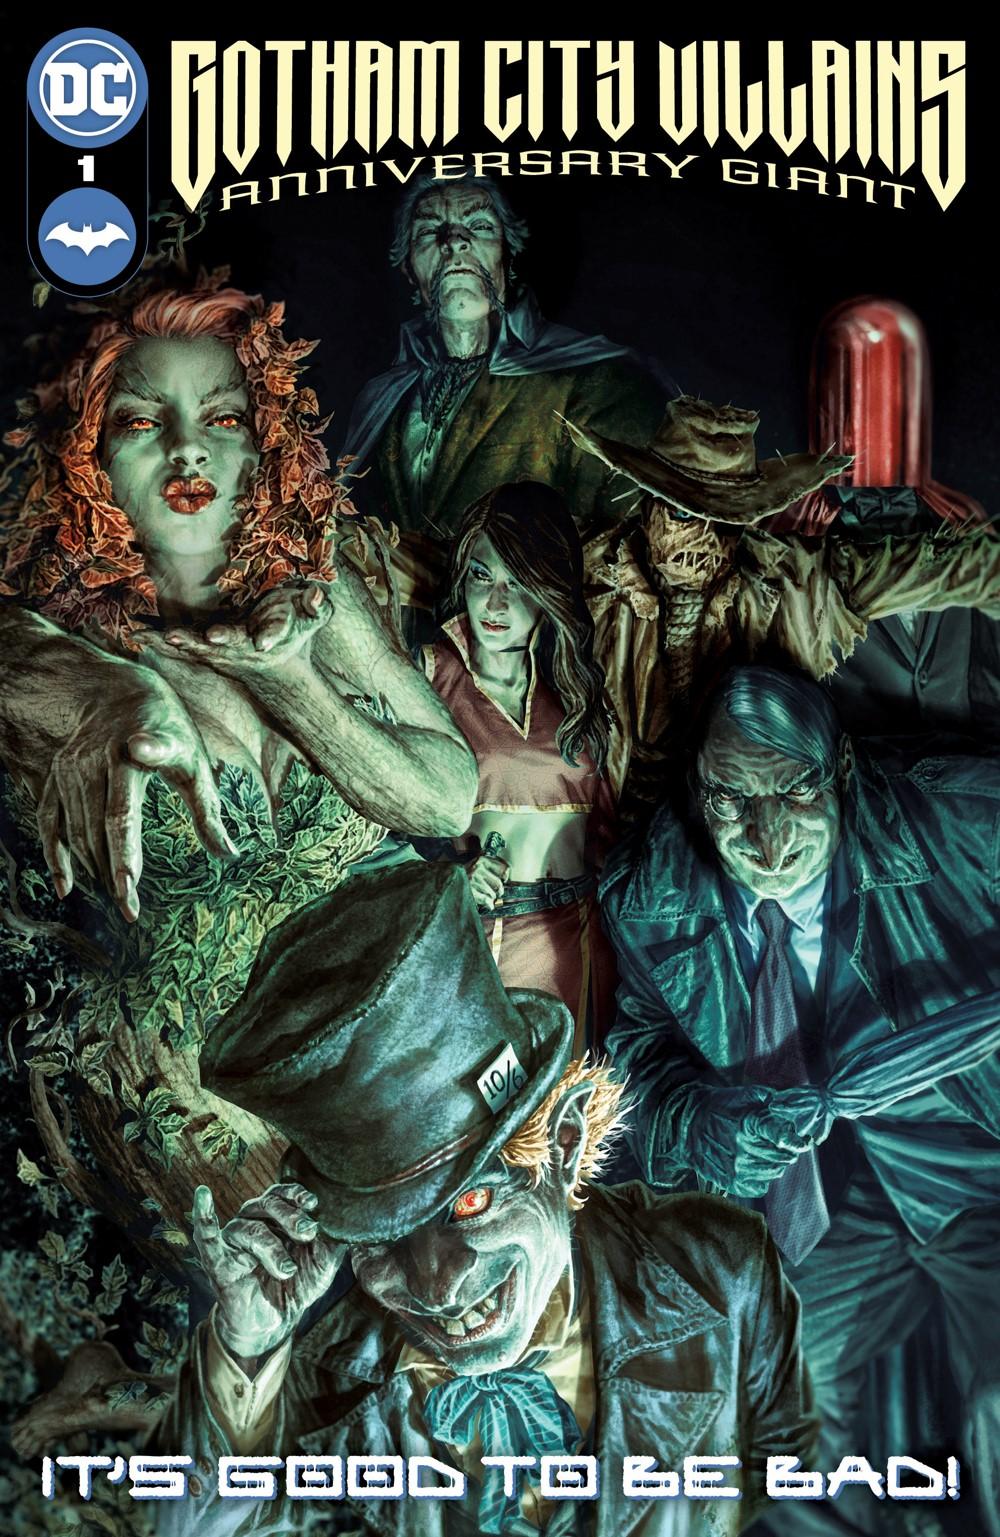 Gotham-City-Villains-Giant-Cv1 DC Comics November 2021 Solicitations